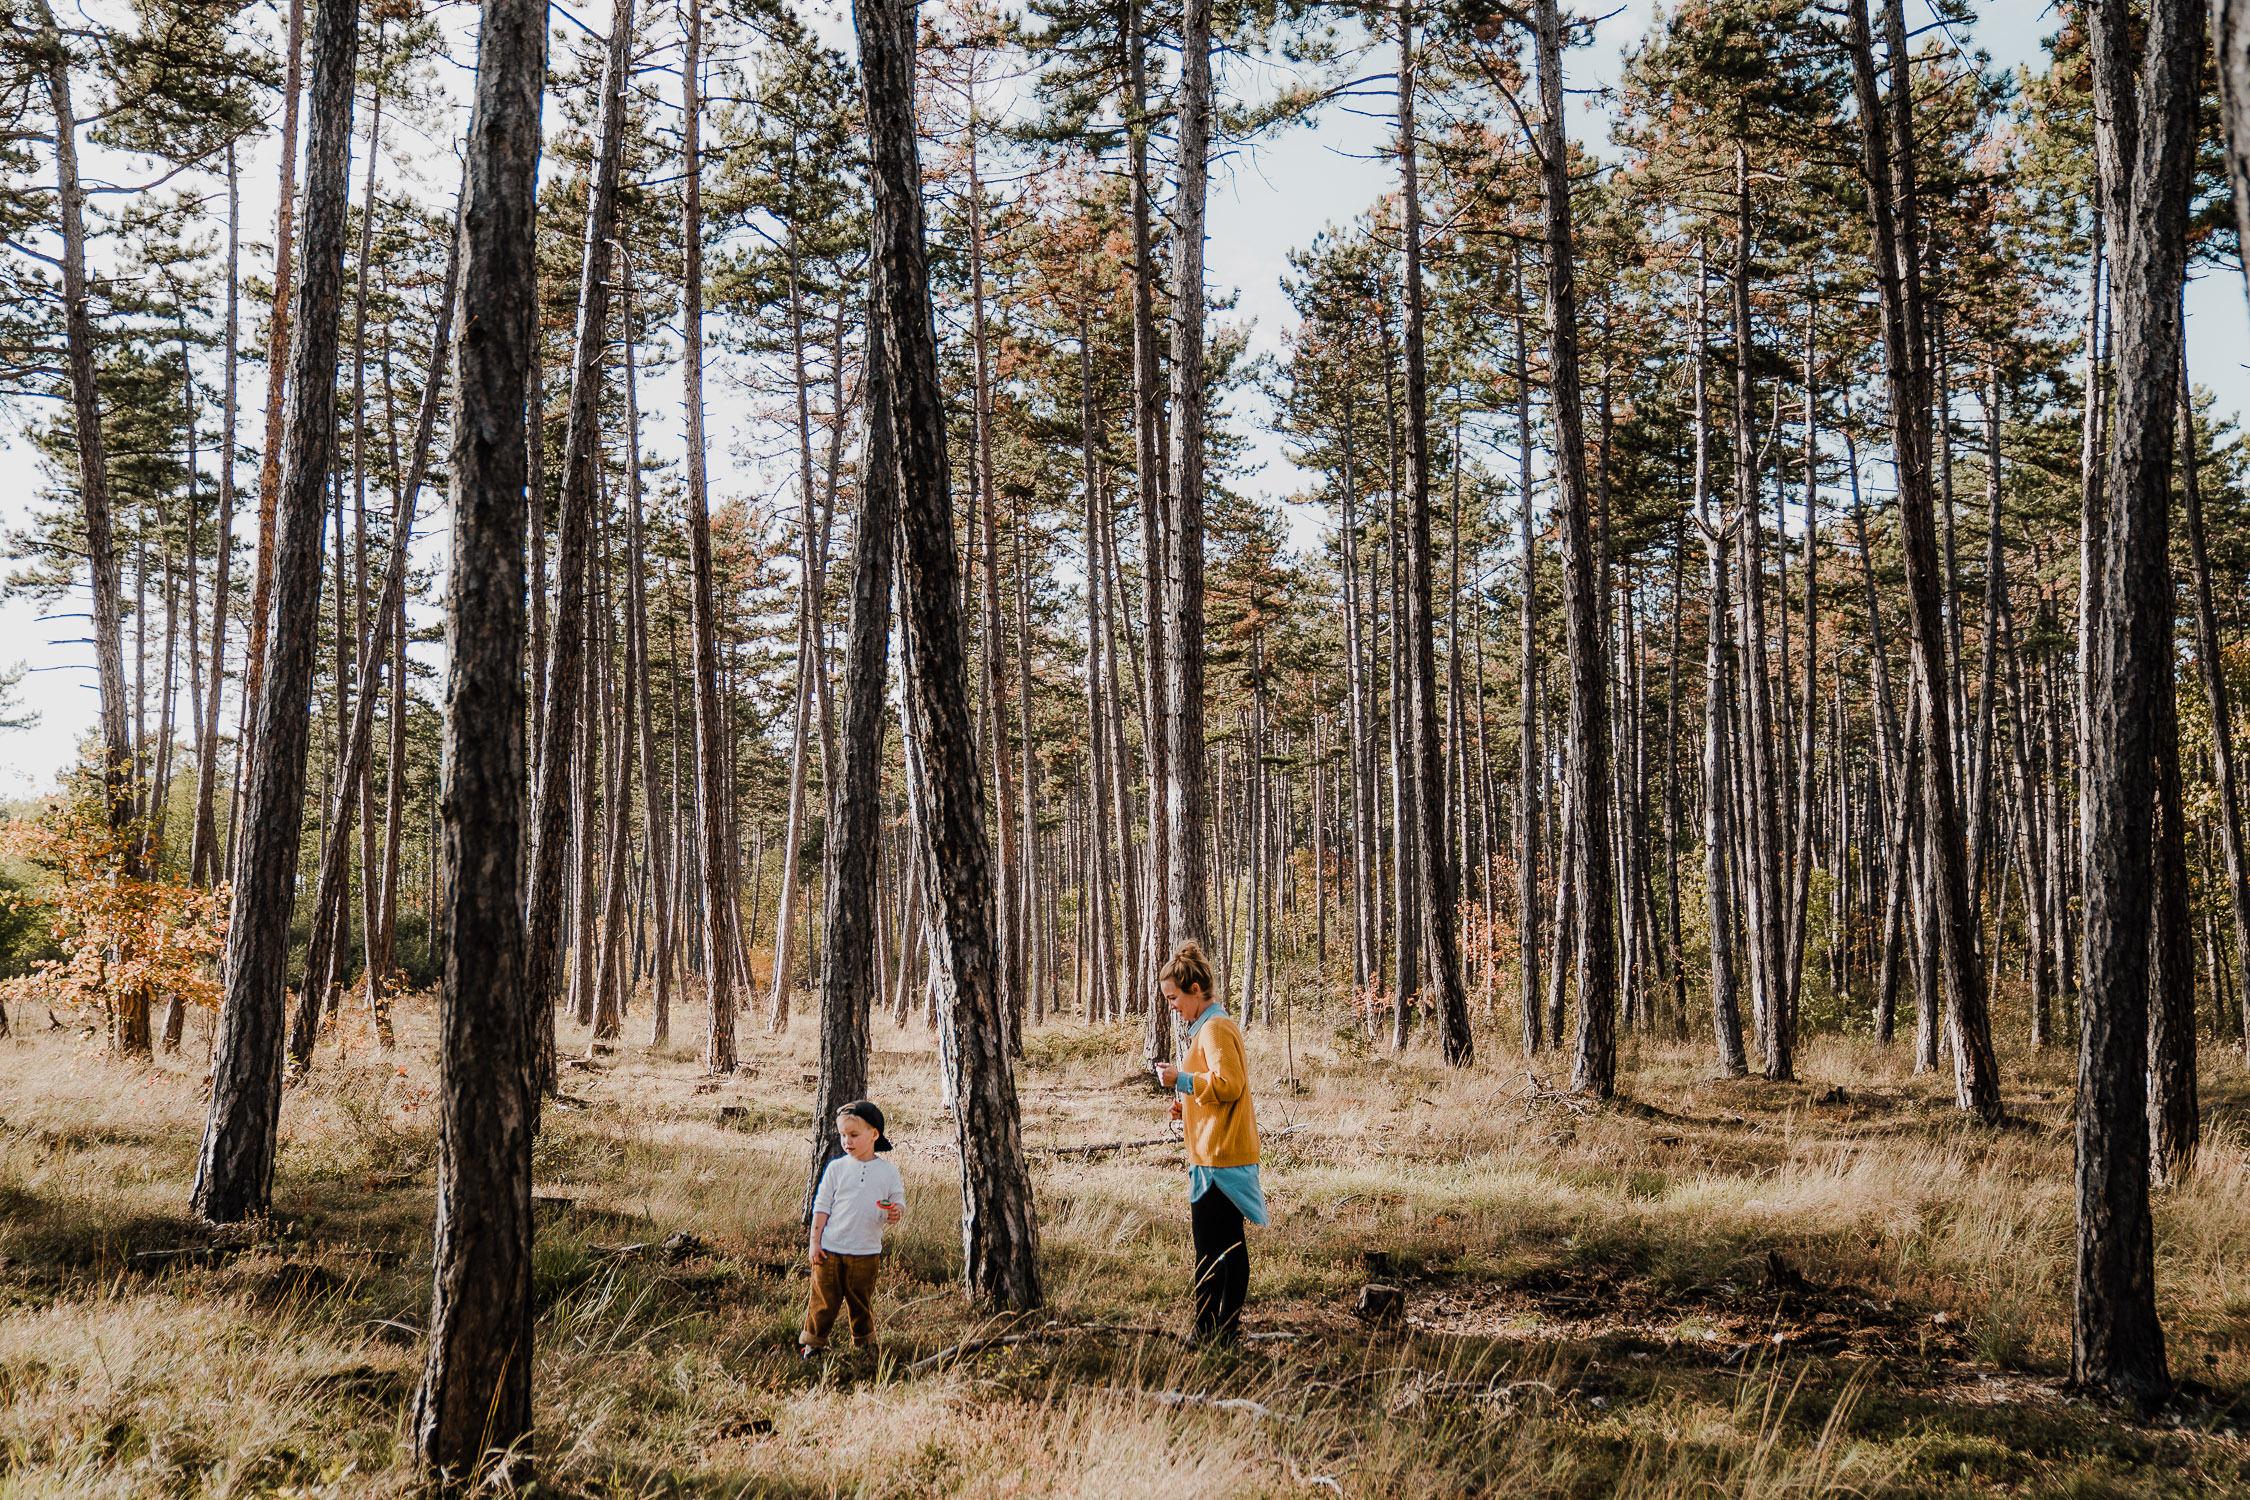 Familienfoto im Wald. Echt und ungestellt